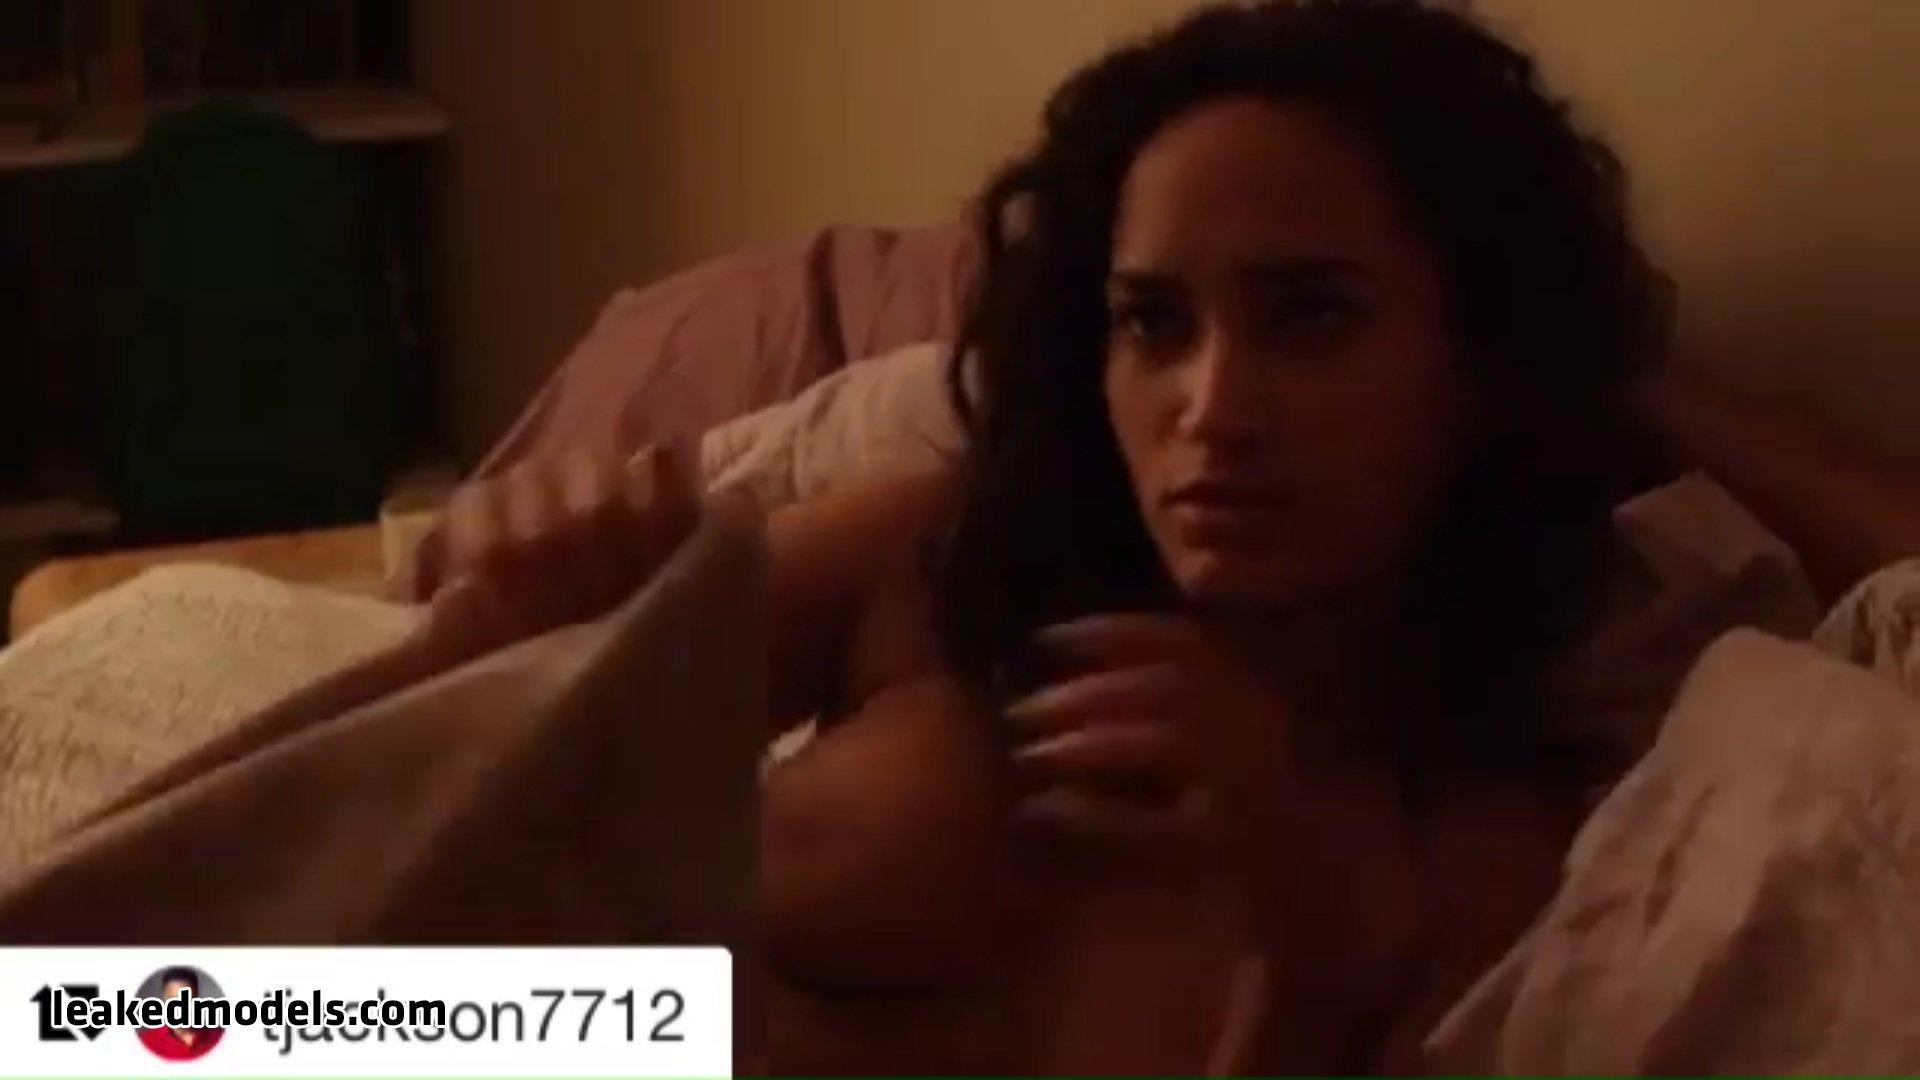 shelby lyn leaked nude leakedmodels.com 0003 - Shelby Lyn – theshelbylyn Instagram Nude Leaks (33 Photos)